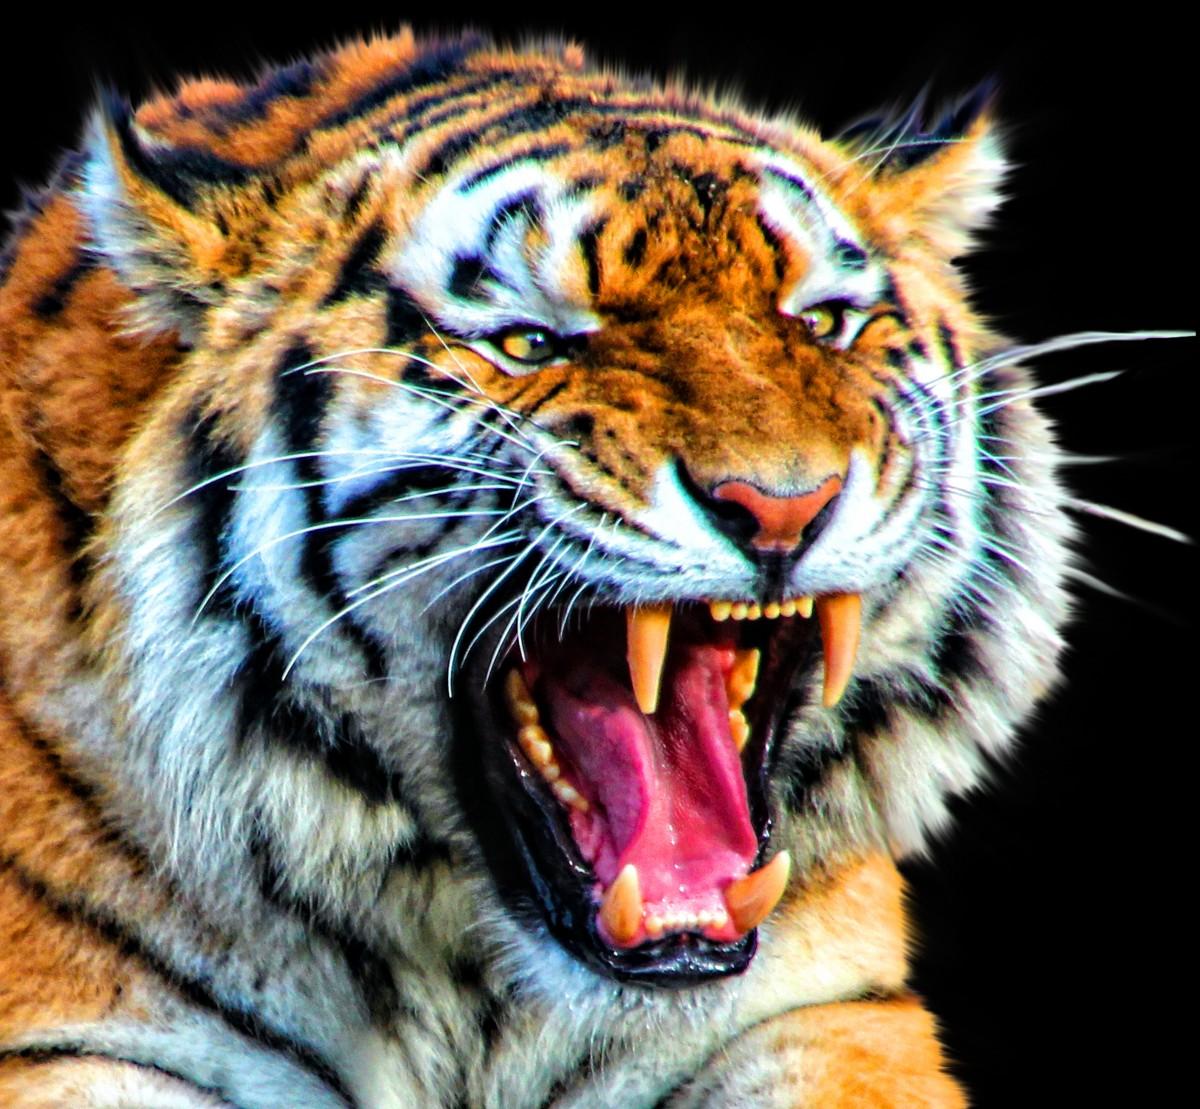 8k Animal Wallpaper Download: Free Images : Nature, White, Animal, Wildlife, Wild, Fur